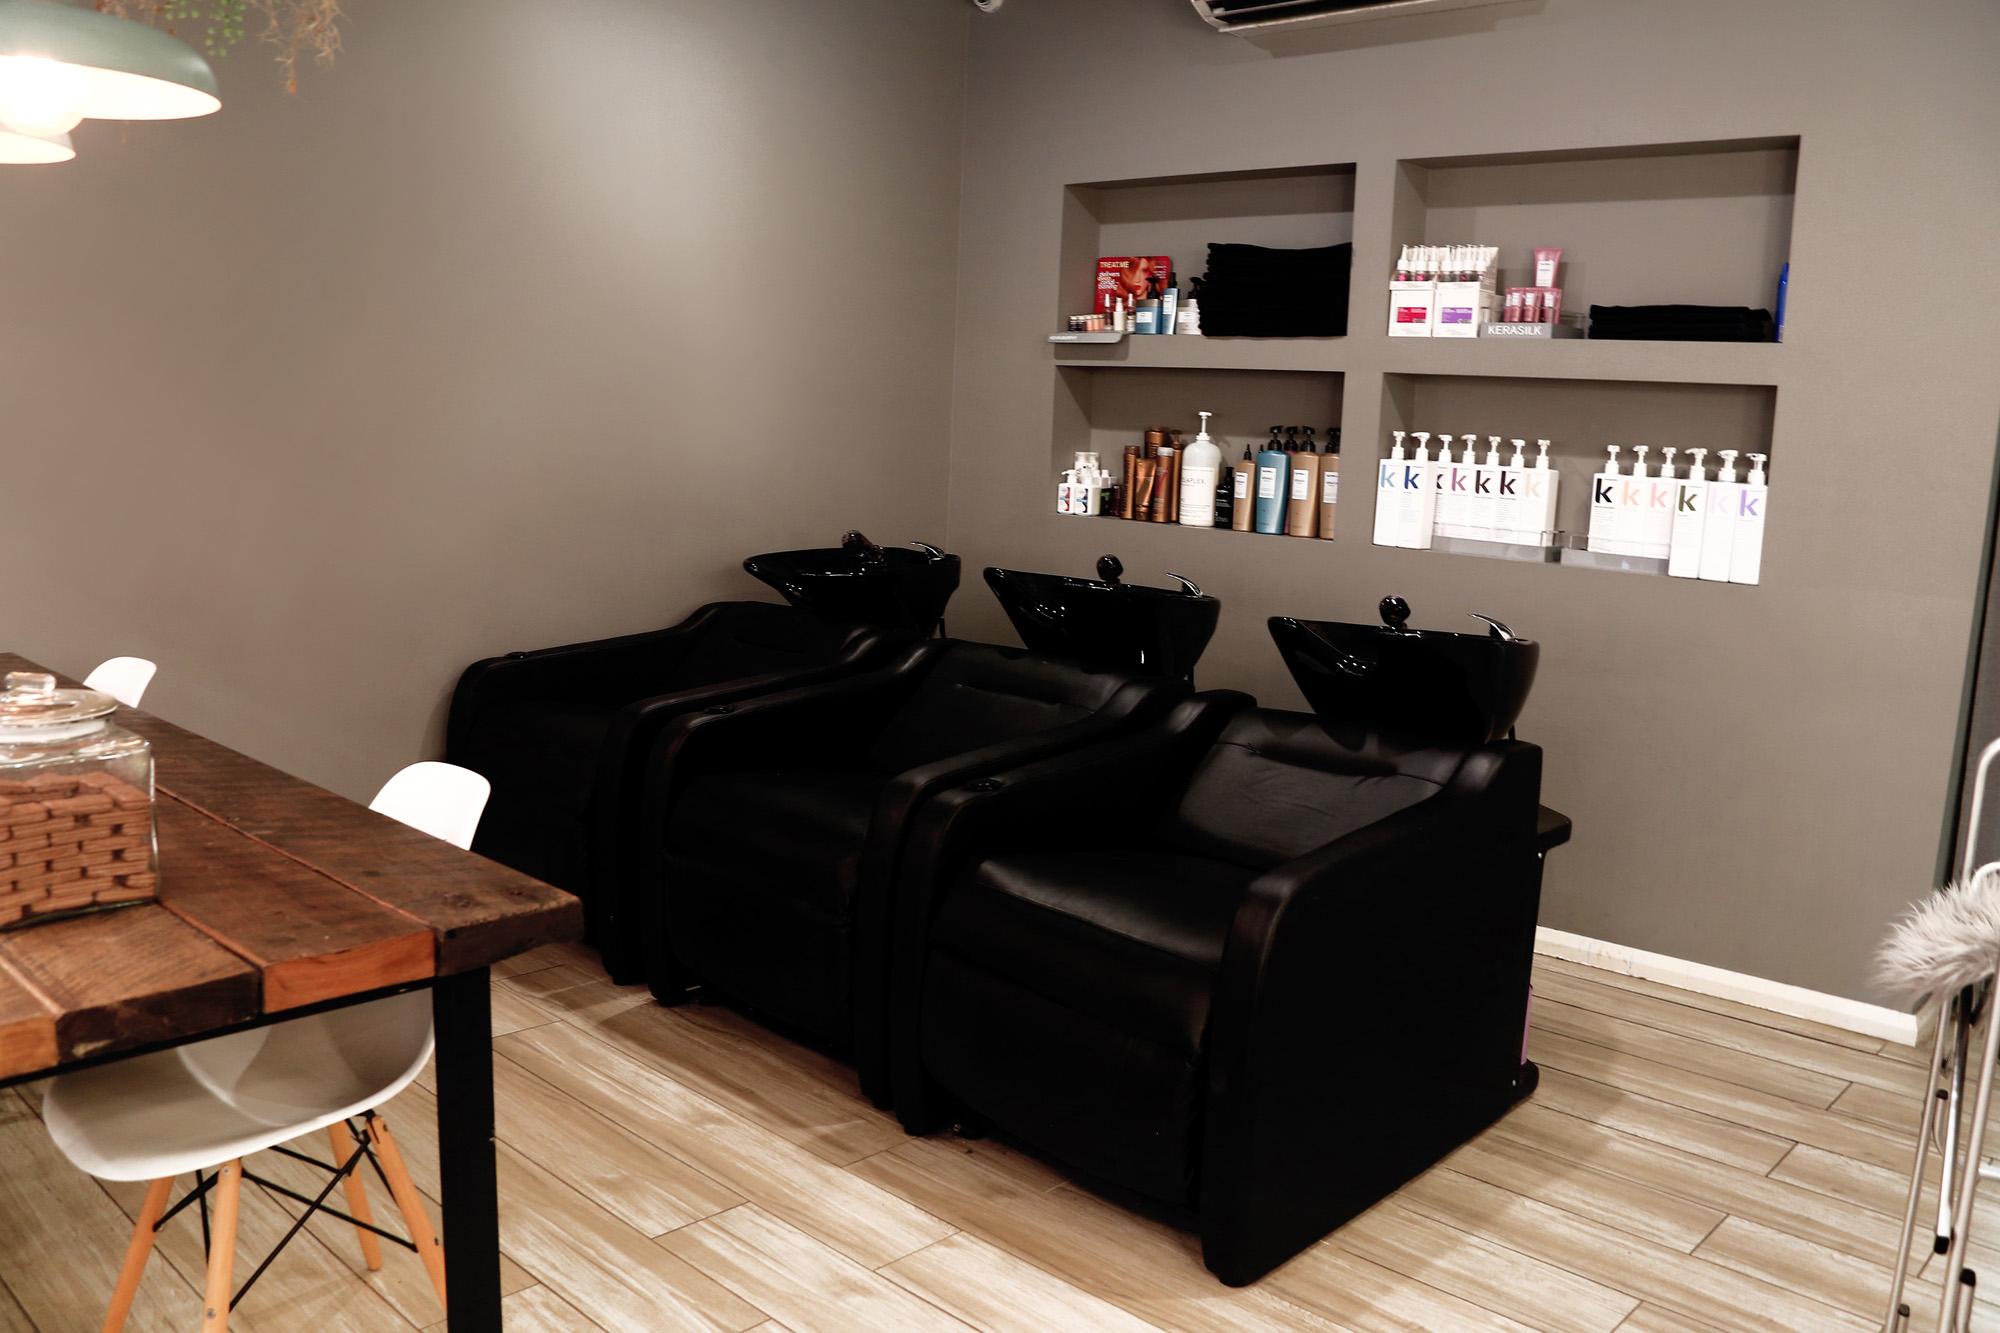 Indie-Sky-Co-Hairdressers-Drummoyne-Sydney-14.jpg